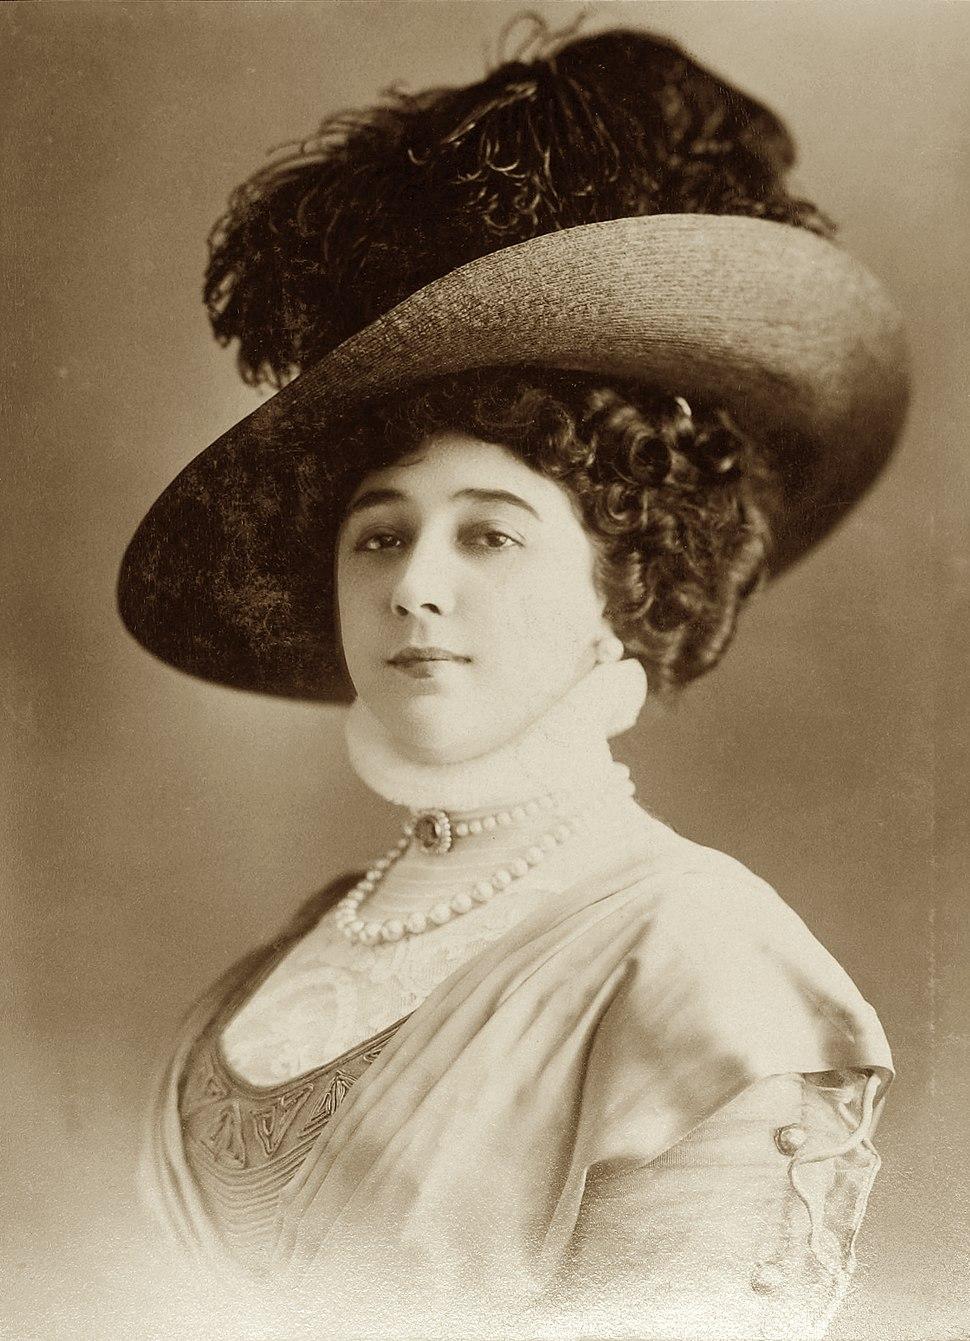 La Belle Otero, par Jean Reutlinger, sepia